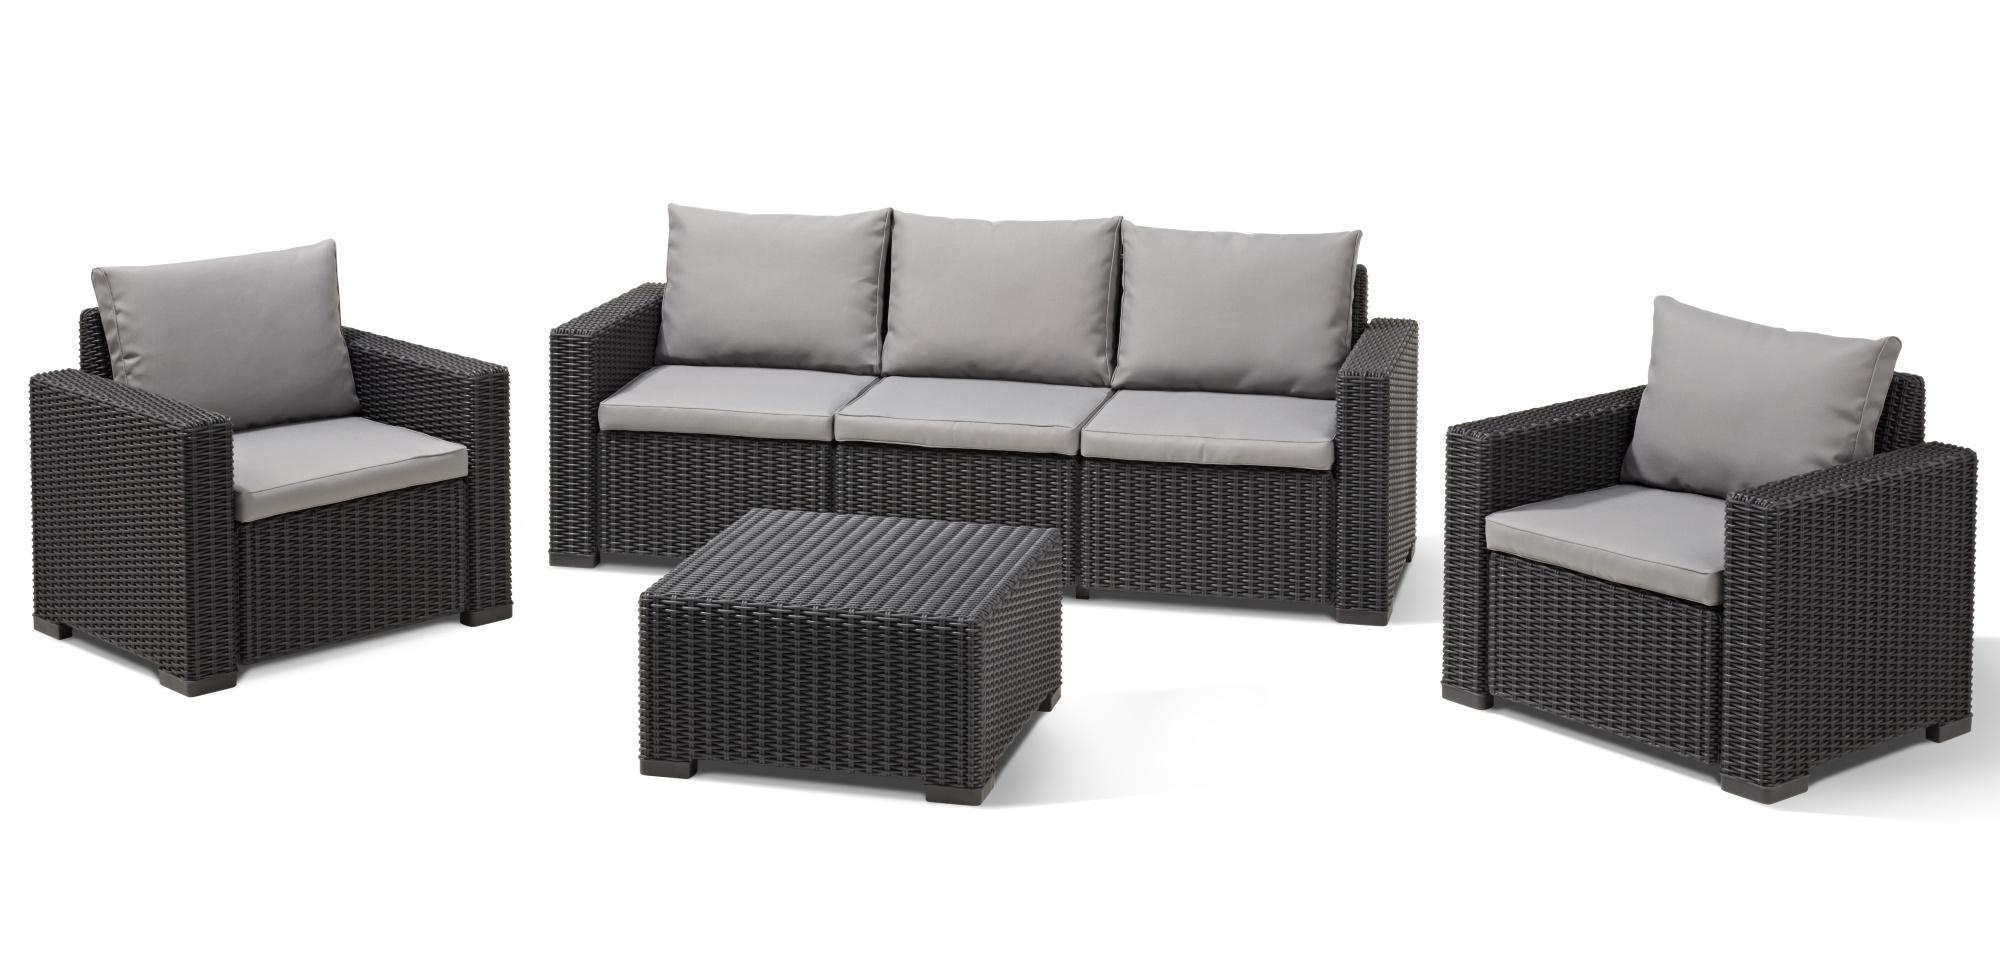 salon de jardin allibert california brico depot jardin. Black Bedroom Furniture Sets. Home Design Ideas